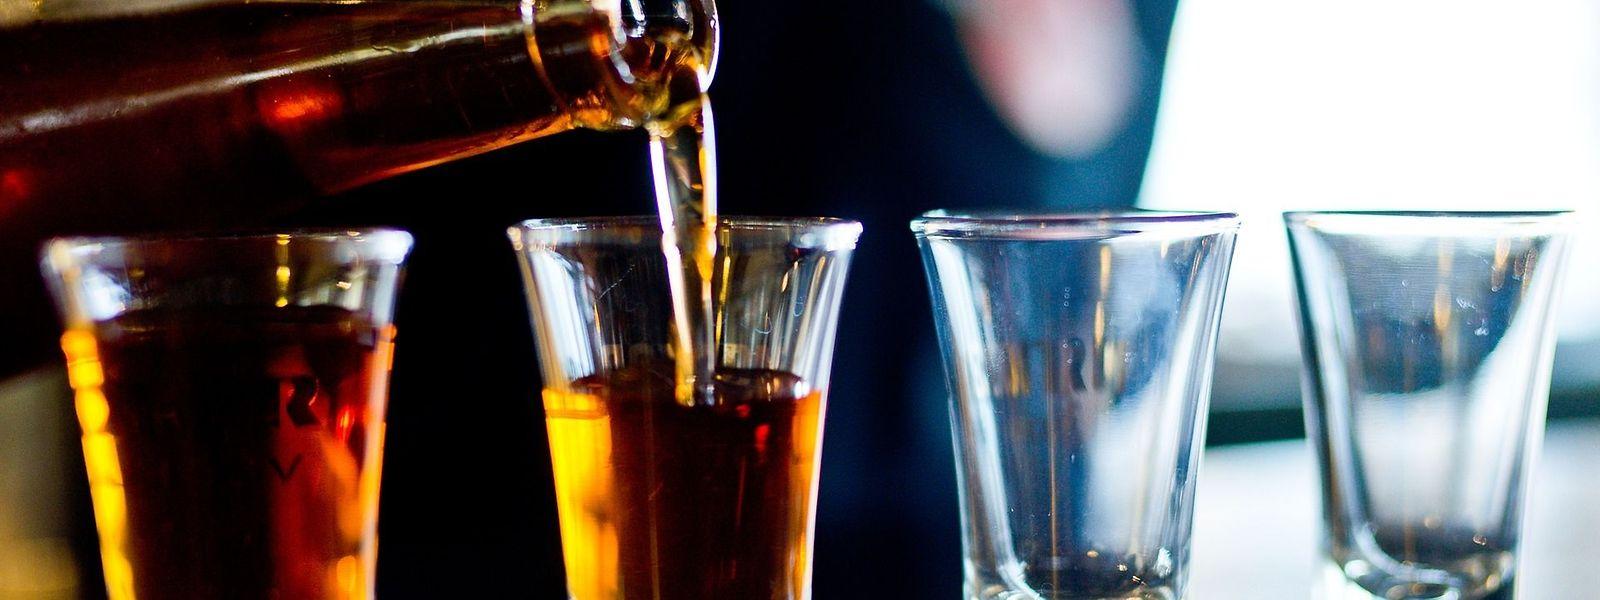 Bei zu starker Alkoholeinnahme kann die Polizei einem Fahrer vier Punkte auf dem Führerschein abziehen. Das Strafmaß kann je nach Schwere noch viel höher sein.